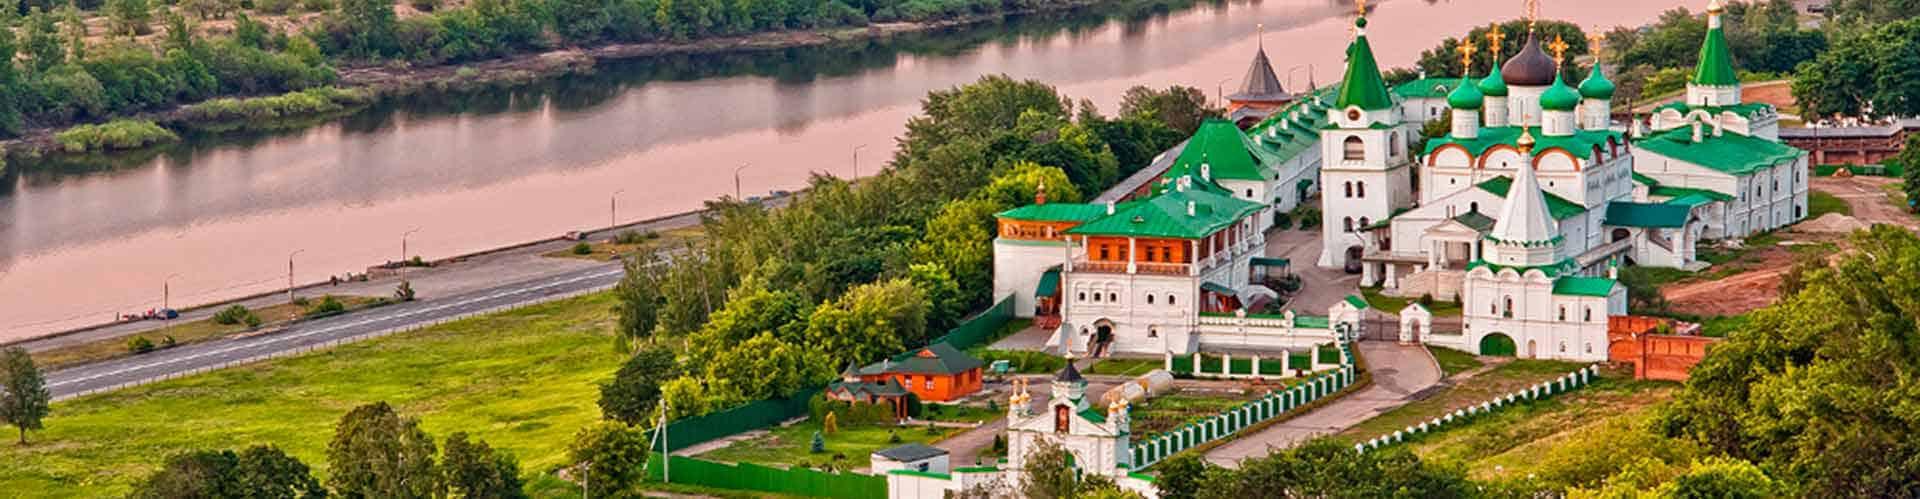 ree tour Nizhni Novgorod – turismo Rusia